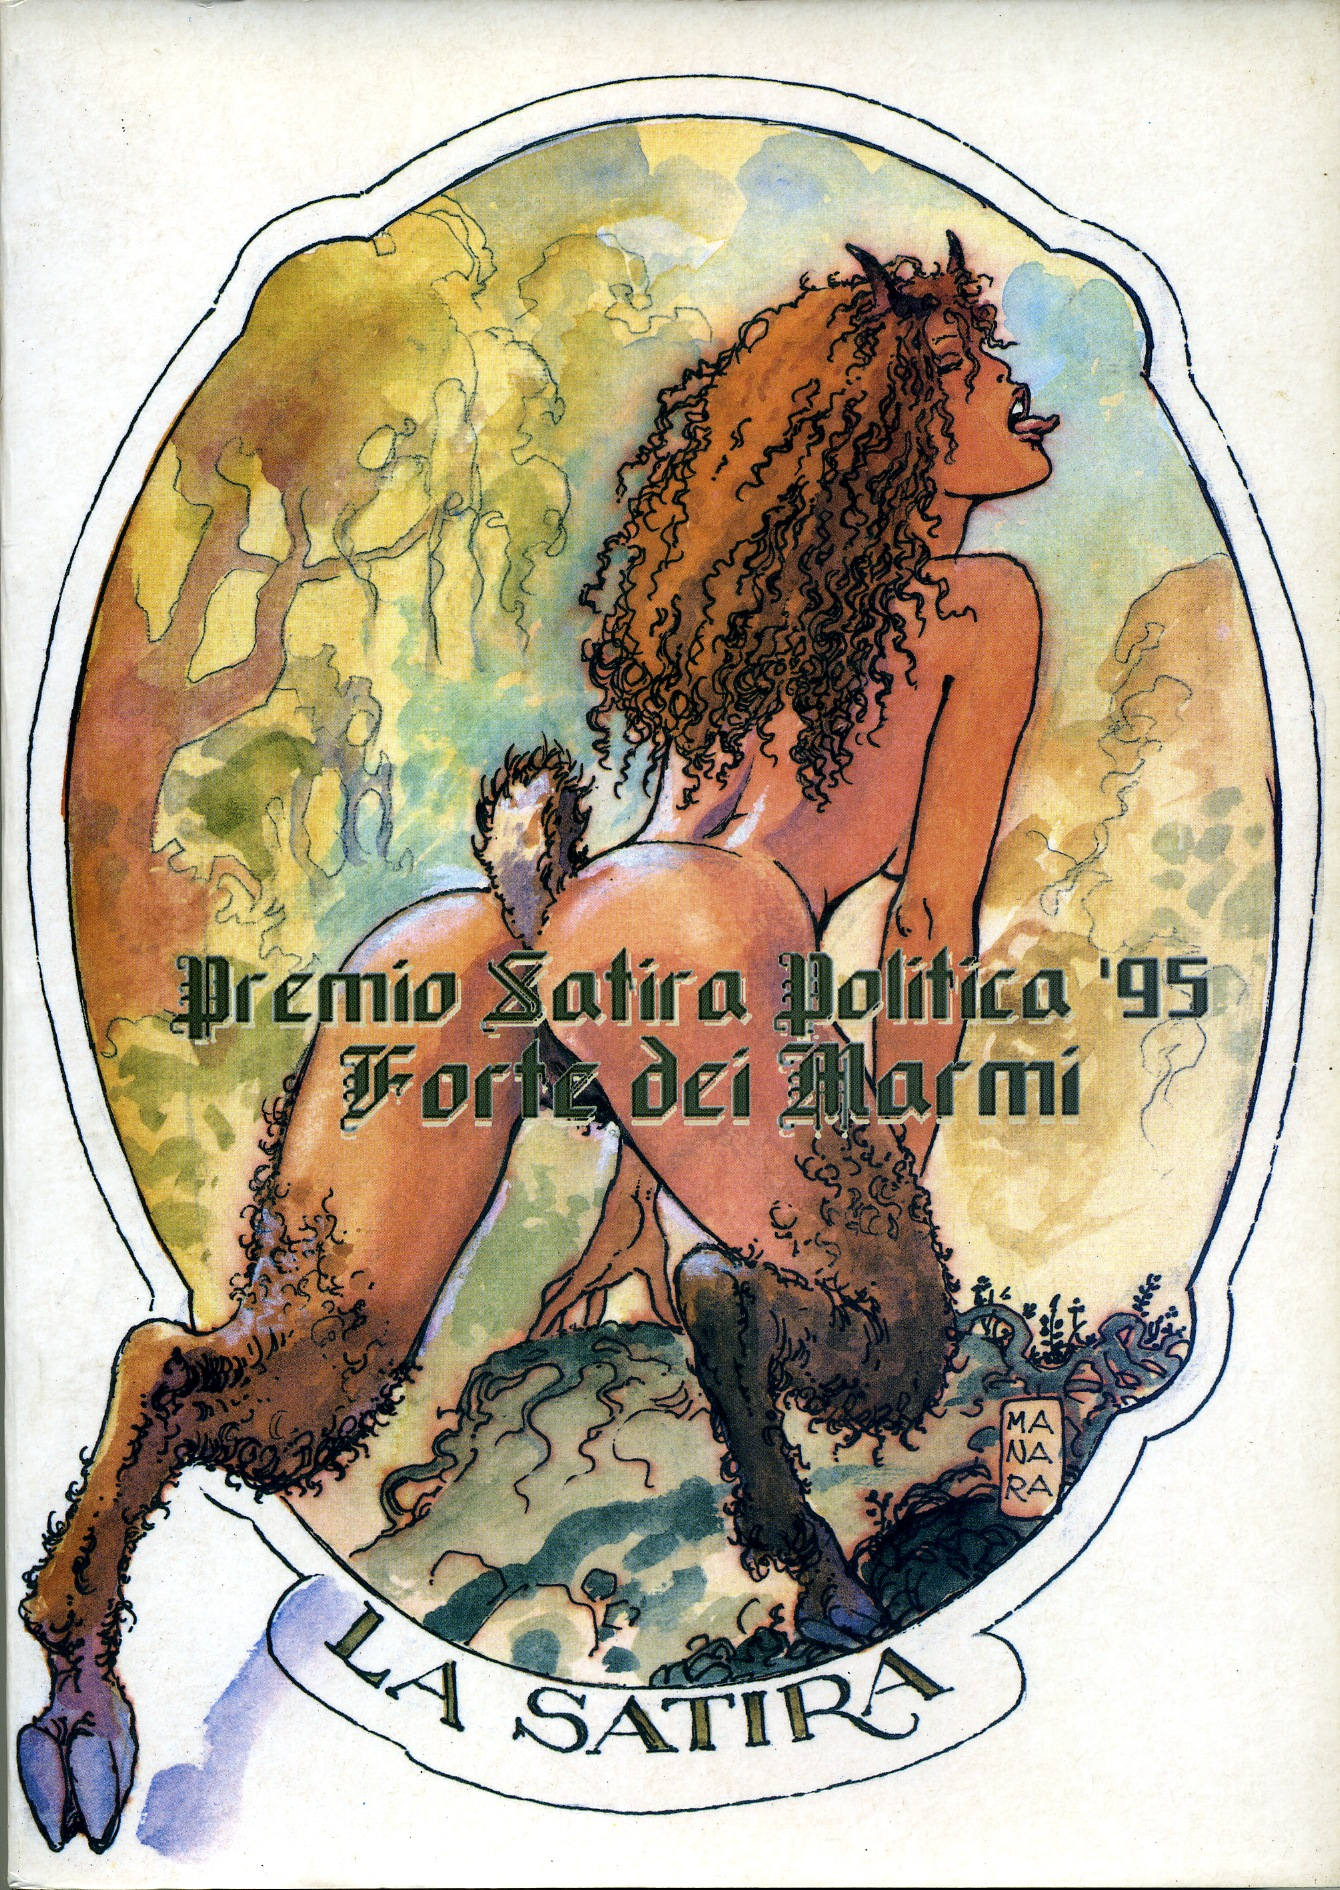 Premio satira politica 1995 - Forte dei Marmi